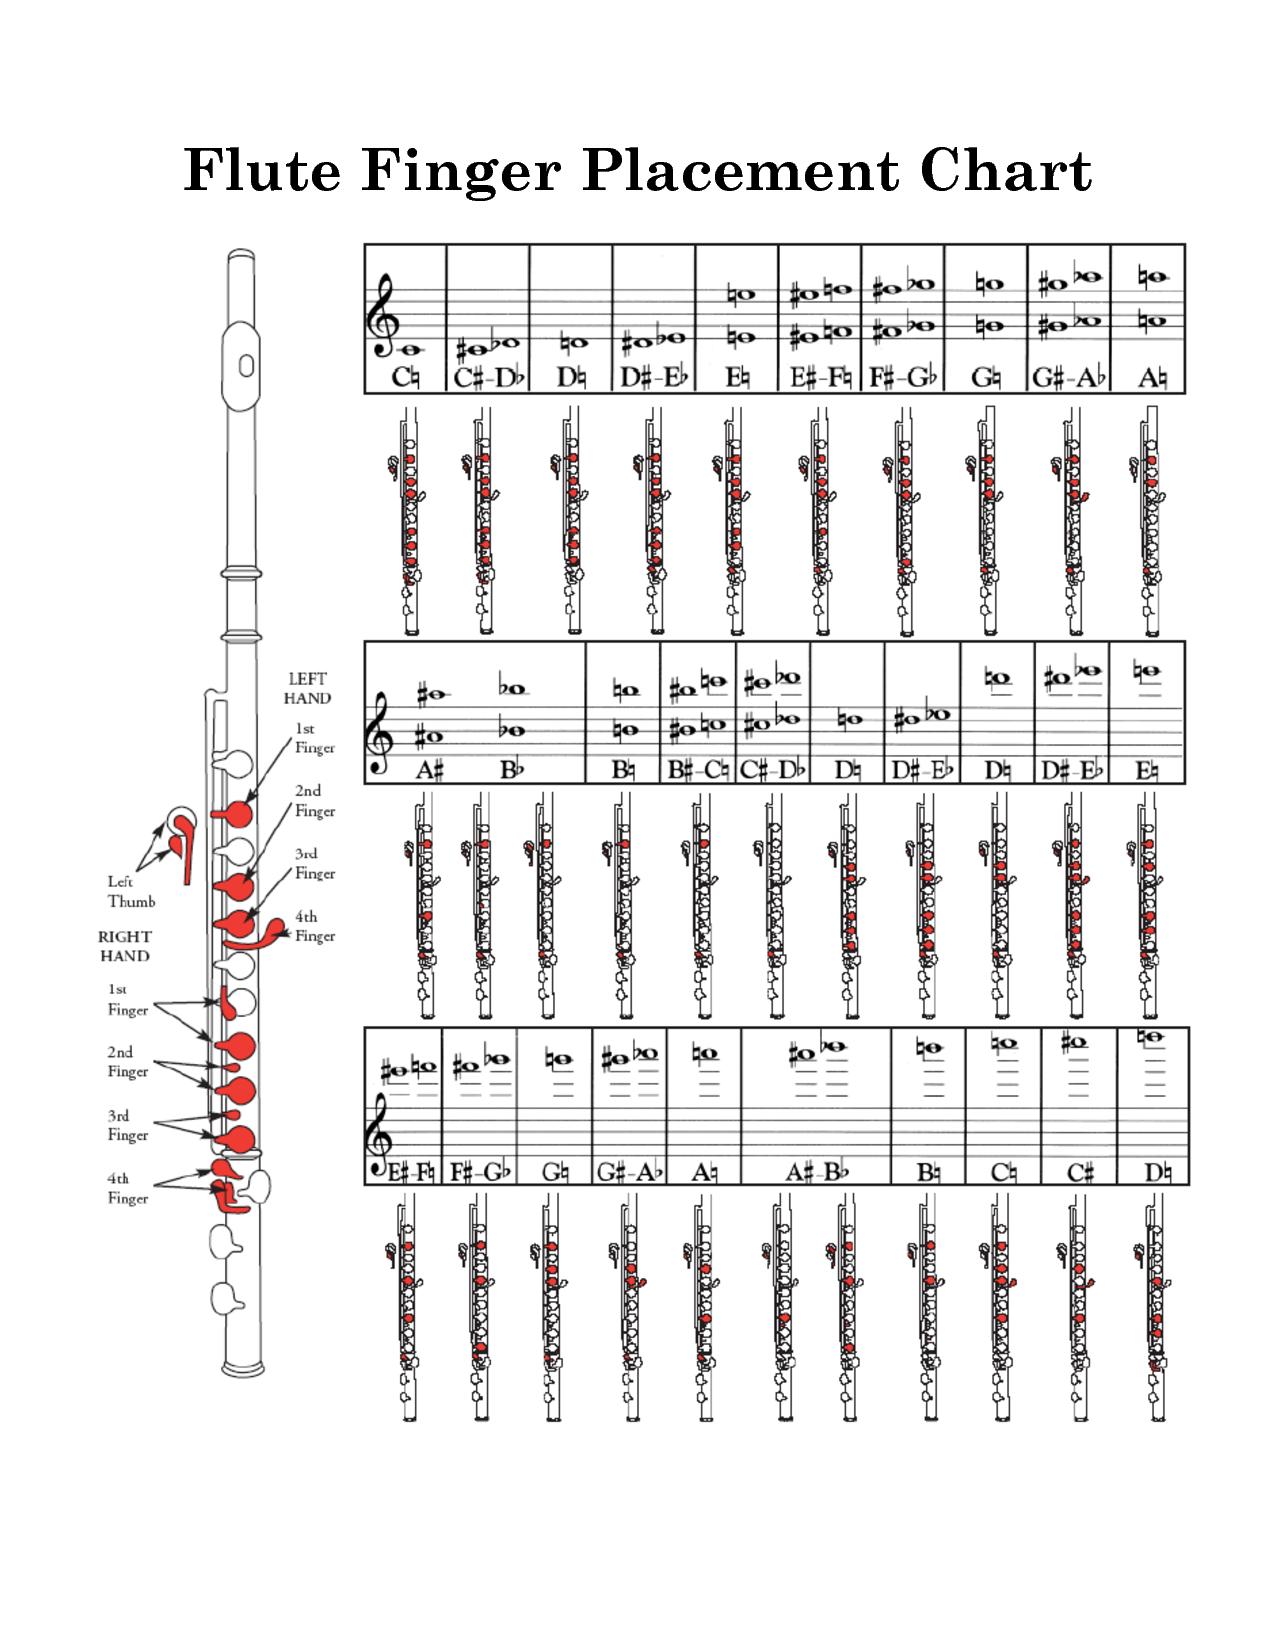 Flute Finger Placement Chart